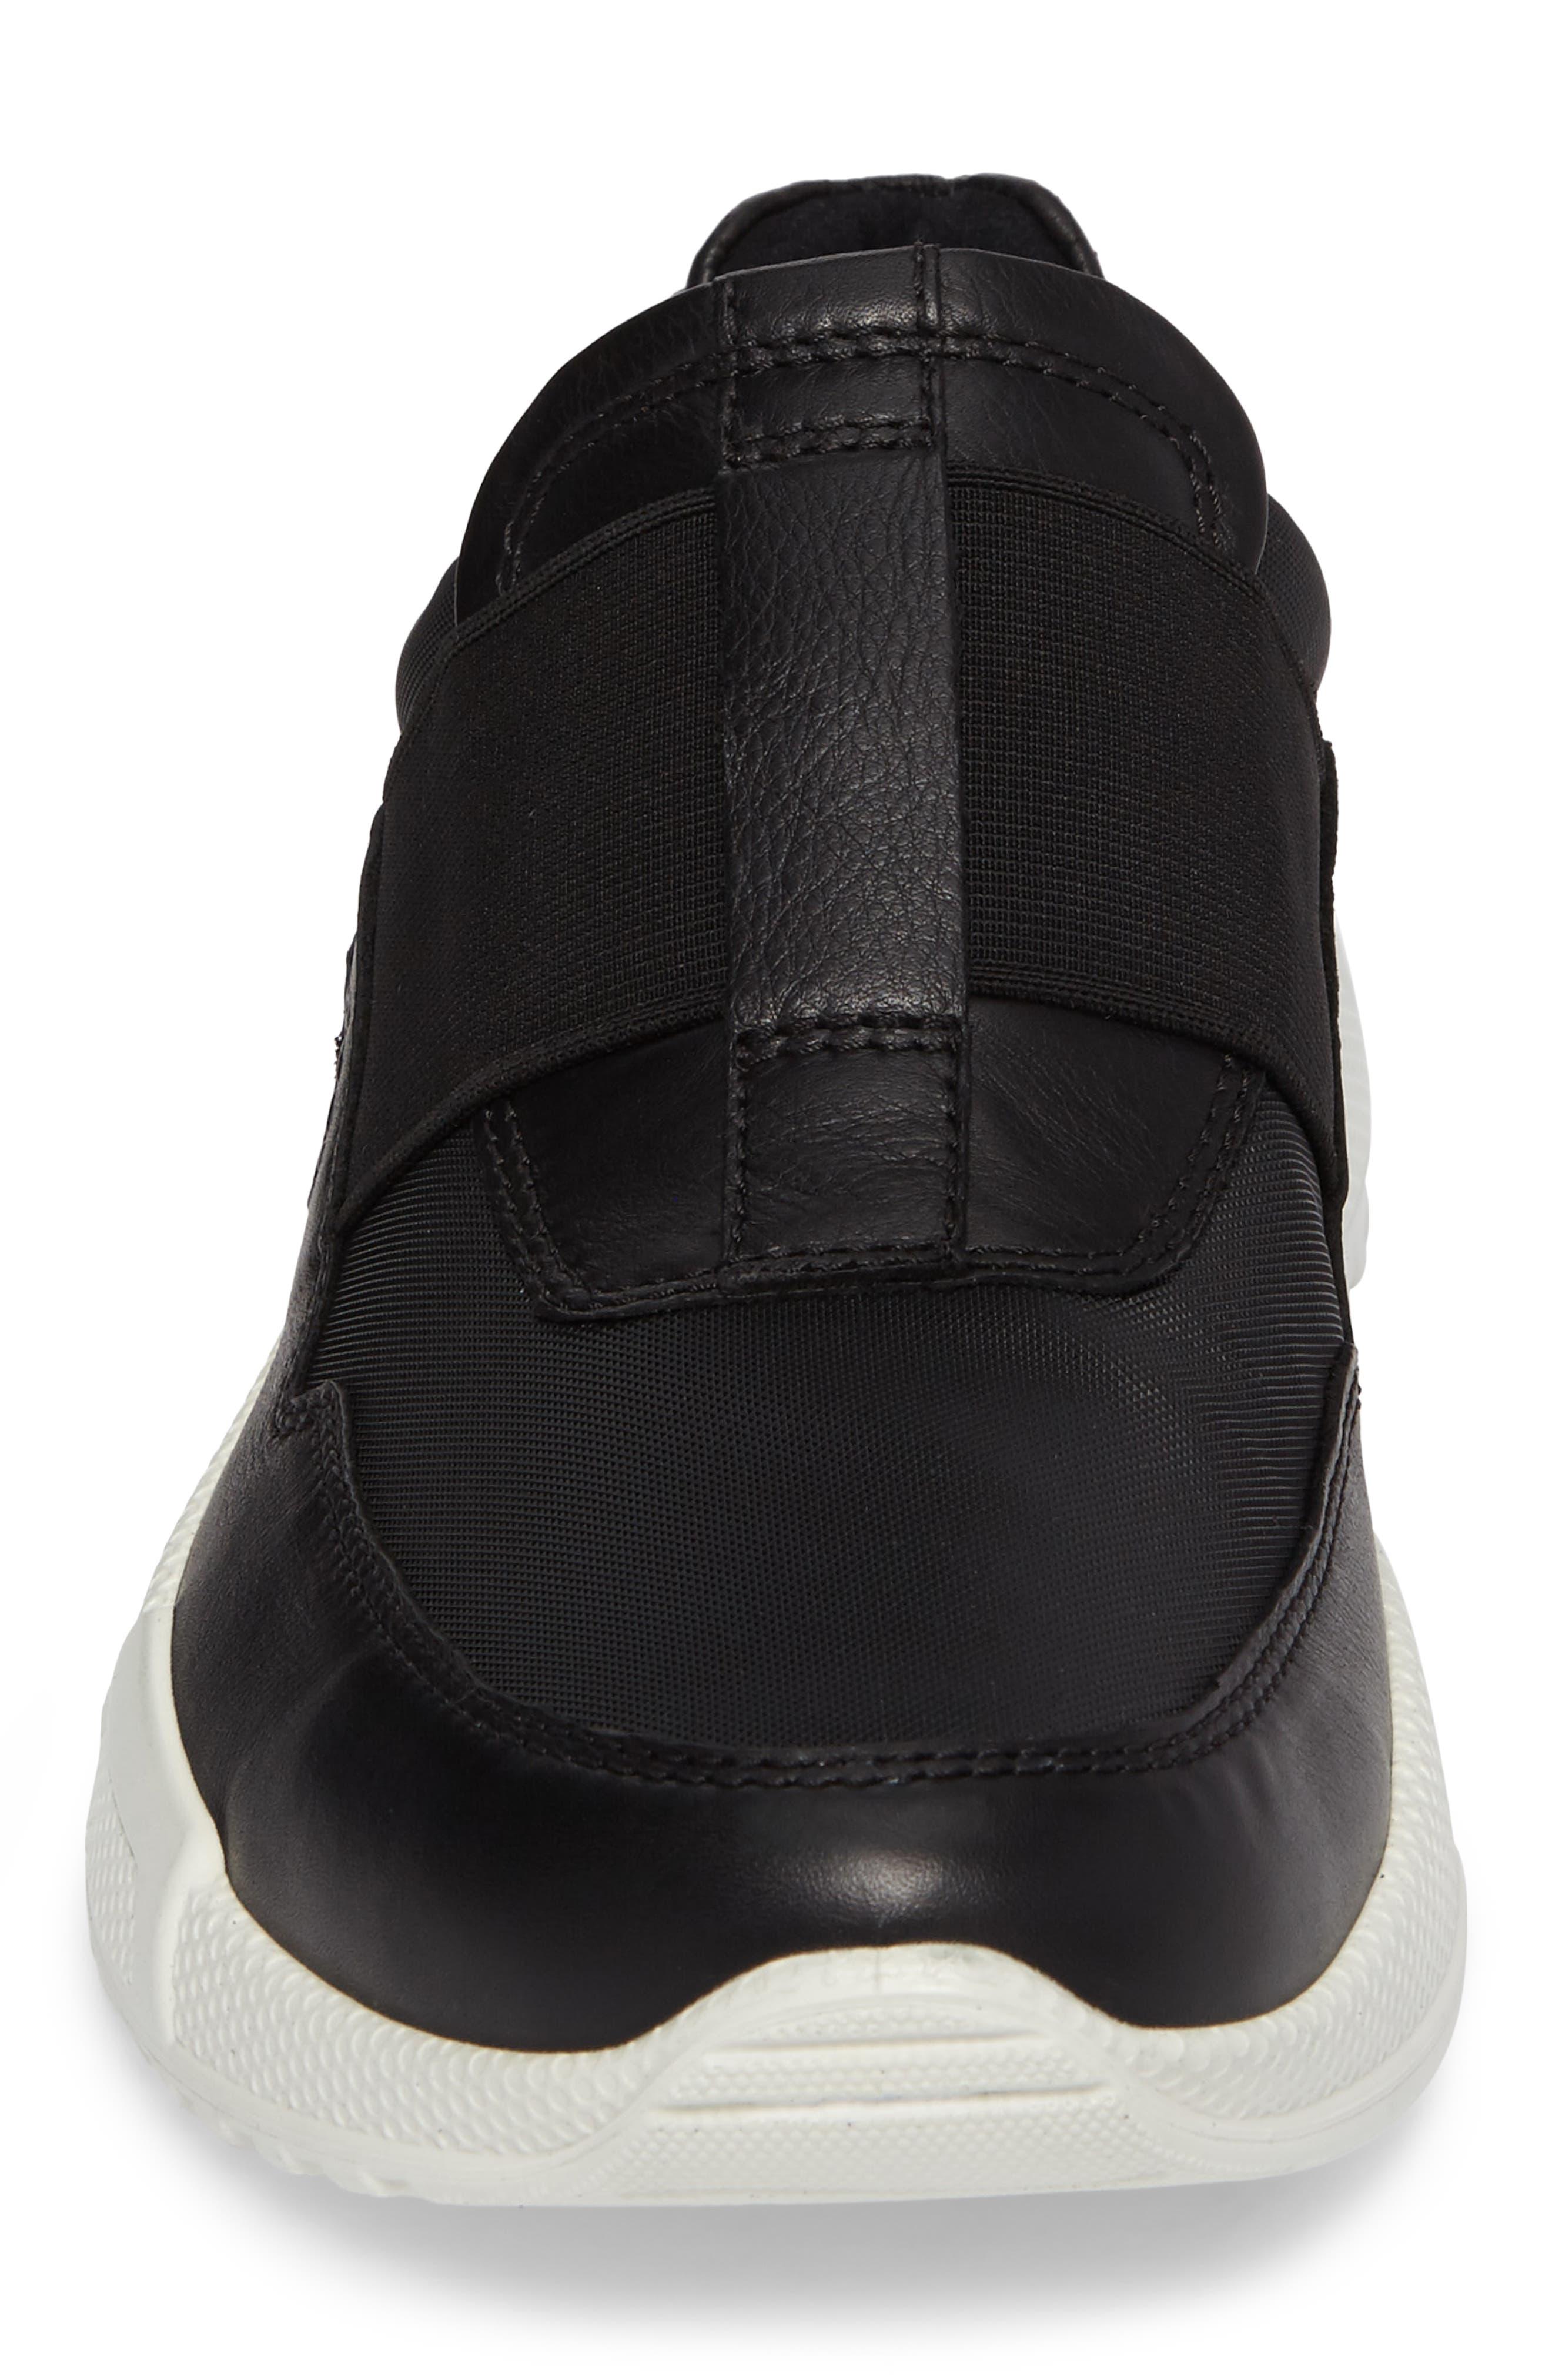 Luca Slip-On Sneaker,                             Alternate thumbnail 4, color,                             001